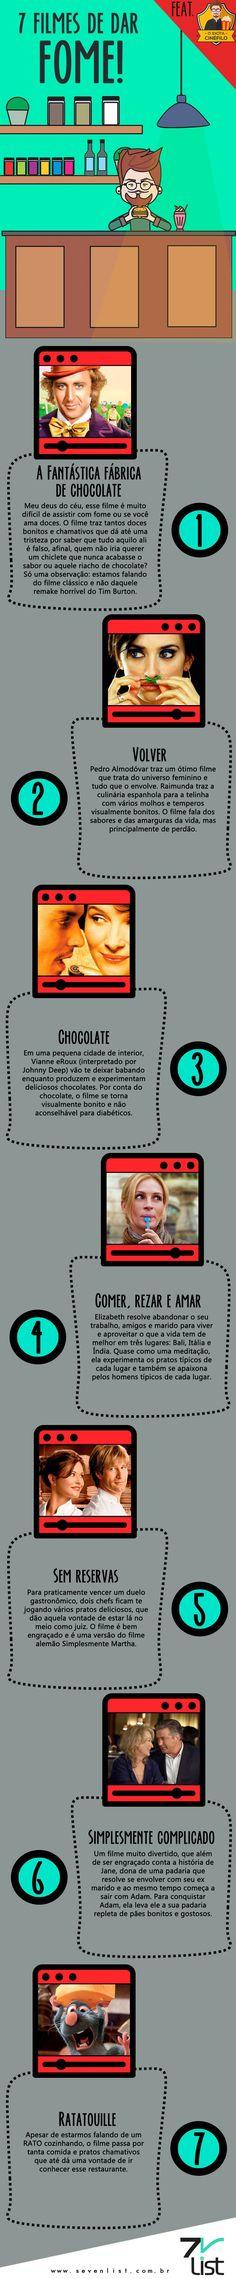 Humm! O post de hoje está uma delícia. O Idiota Cinéfilo listou 7 filmes de dar fome.  #SevenList #Cinema #Fome #Filmes #DicasdeFilmes #DicasdeCinema #Movies #Film #Cine #Food #Comiga